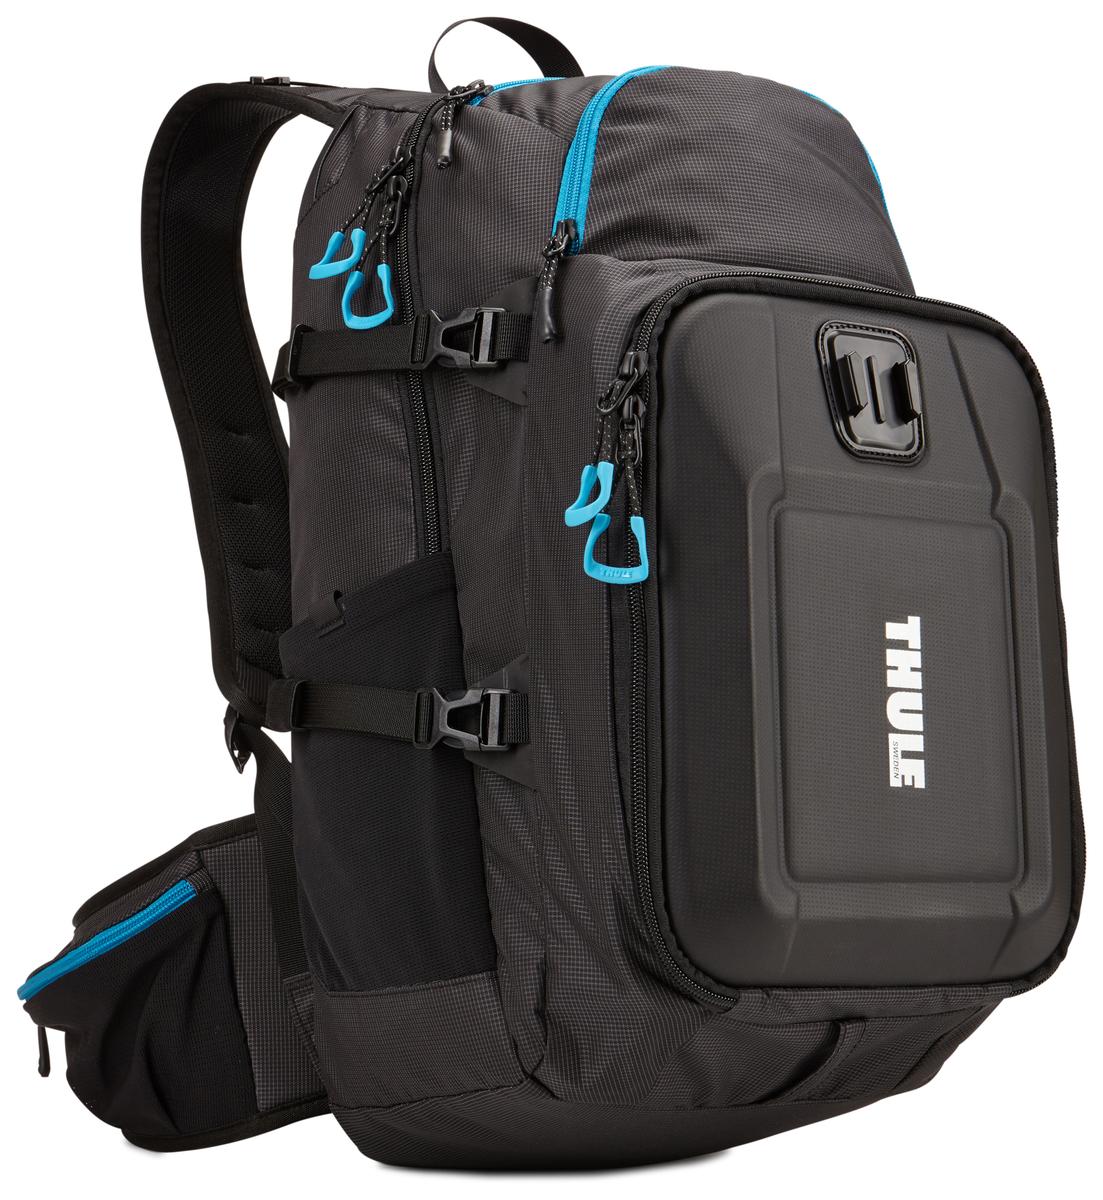 Рюкзак для экшн-камеры Thule Legend GoPro Backpack, цвет: черный3203102Рюкзак Thule Legend GoPro - Тонкий рюкзак для камеры GoPro со встроенными креплениями позволит запечатлеть ваше путешествие с различных ракурсов. Ударопрочный отсек с мягкой подкладкой позволяет хранить до трех камер GoPro, LCD Touch BacPac, пульт дистанционного управления, запасные аккумуляторы и SD-карты Съемная подкладка из прессованной пены облегчает очистку внутренней поверхности от пыли, грязи, песка и пр. Встроенные крепления позволяют установить две камеры GoPro и вести съемку с нескольких ракурсов В жестком кармане можно хранить зарядные устройства и кабели Отдельный отсек для штативов и ремней Благодаря конструкции с обтекаемой формой и малым весом сумка не мешает отдыху Специальное отделение для бутылки с водой (бутылка в комплект не входит) Большие язычки на молниях обеспечивают удобство доступа даже в том случае, если на вас надеты перчатки Поясной и нагрудный ремни обеспечивают комфорт и улучшенную фиксацию Легкодоступные боковые...